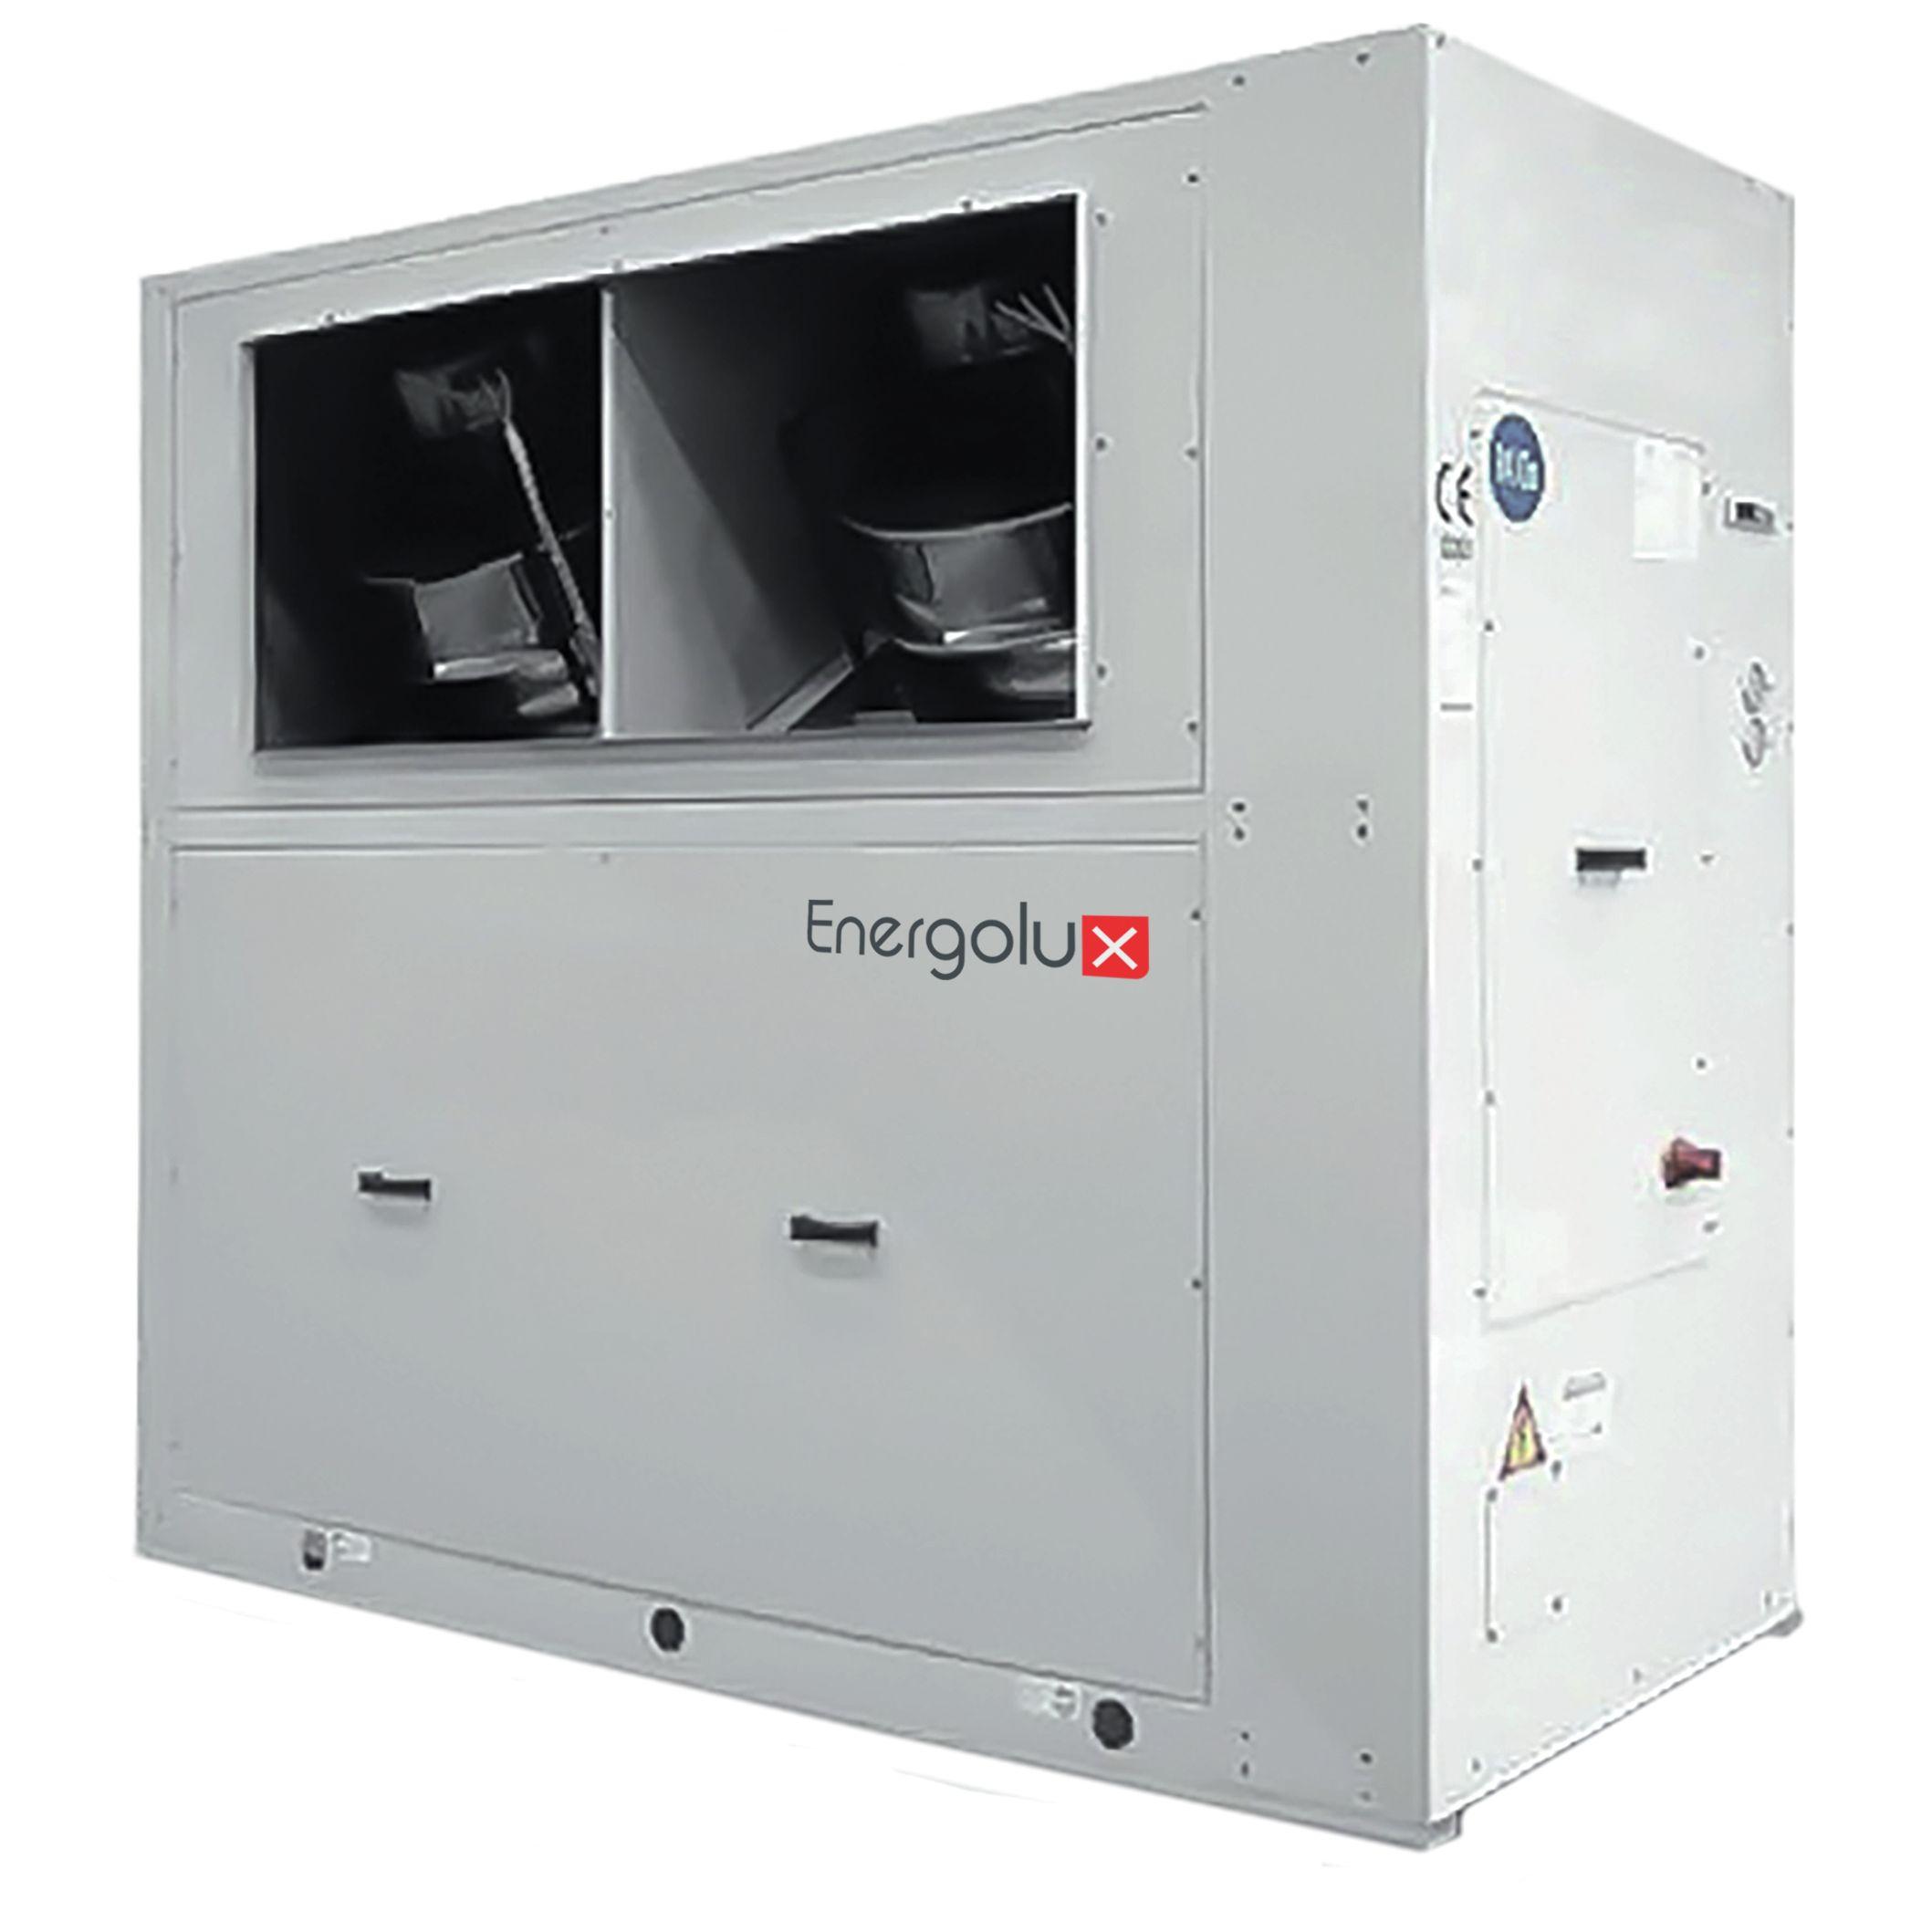 Energolux SCAW-I-T 1160 Z